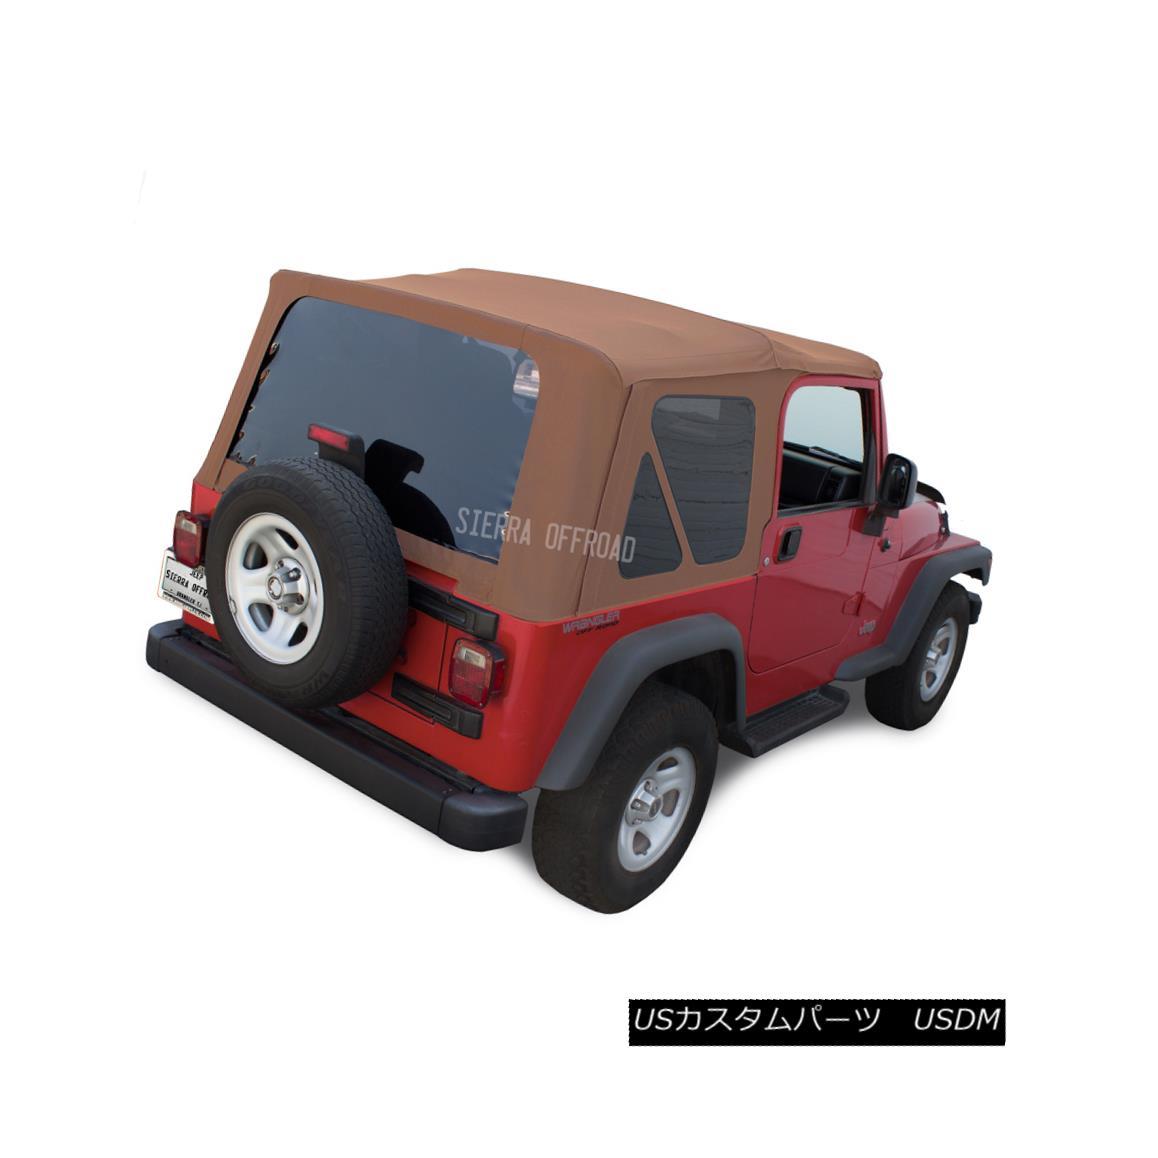 幌・ソフトトップ Jeep Wrangler TJ Soft Top, 03-06, Tinted Windows, Saddle Sailcloth ジープ・ラングラーTJソフトトップ、03-06、ティンテッド・ウインドウズ、サドル・セイルクロス